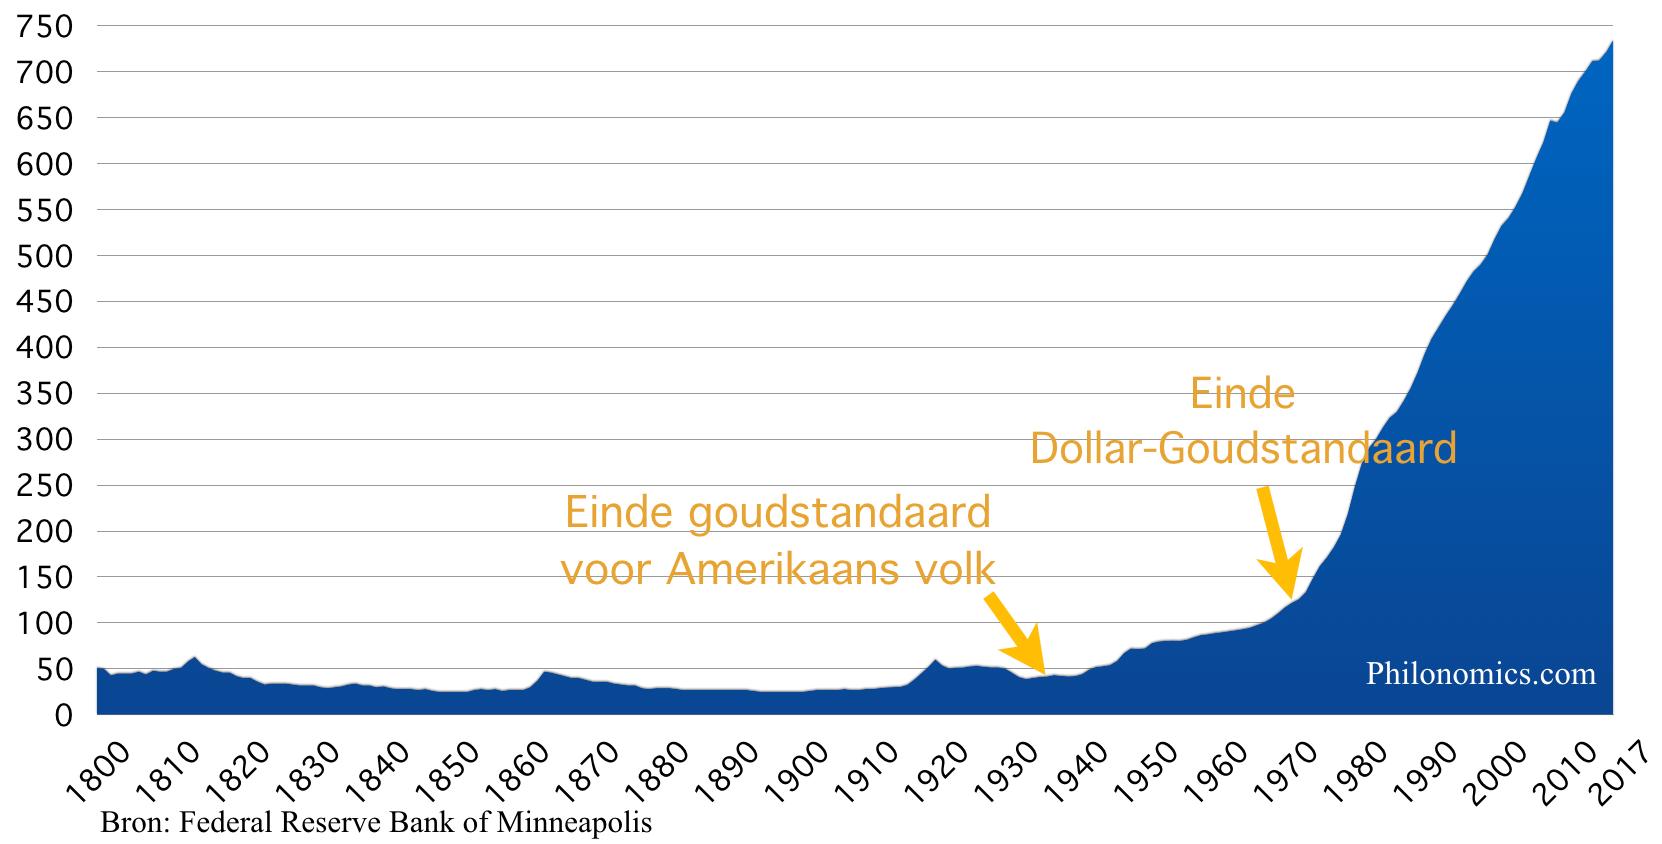 Consumentenprijsindex, Verenigde Staten 1800-2017